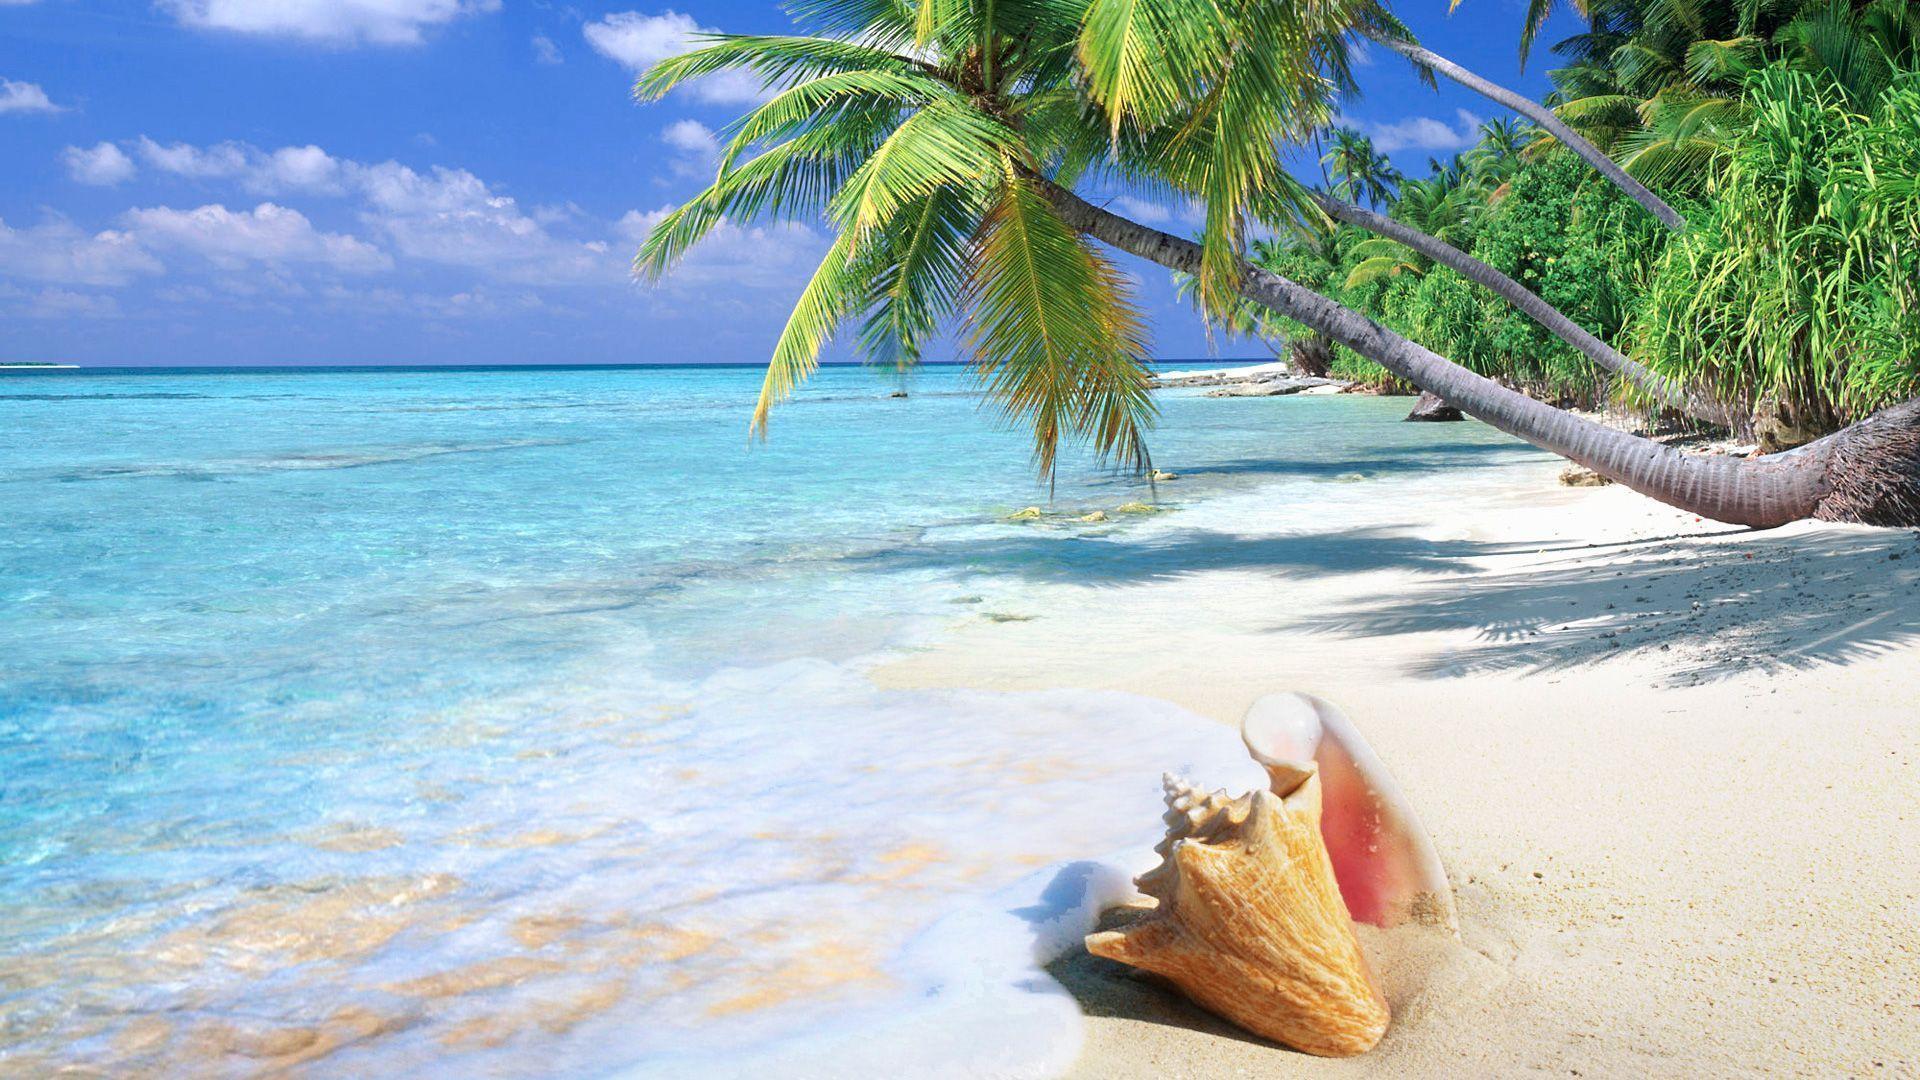 Tropical Beach Wallpapers Desktop 1920x1080